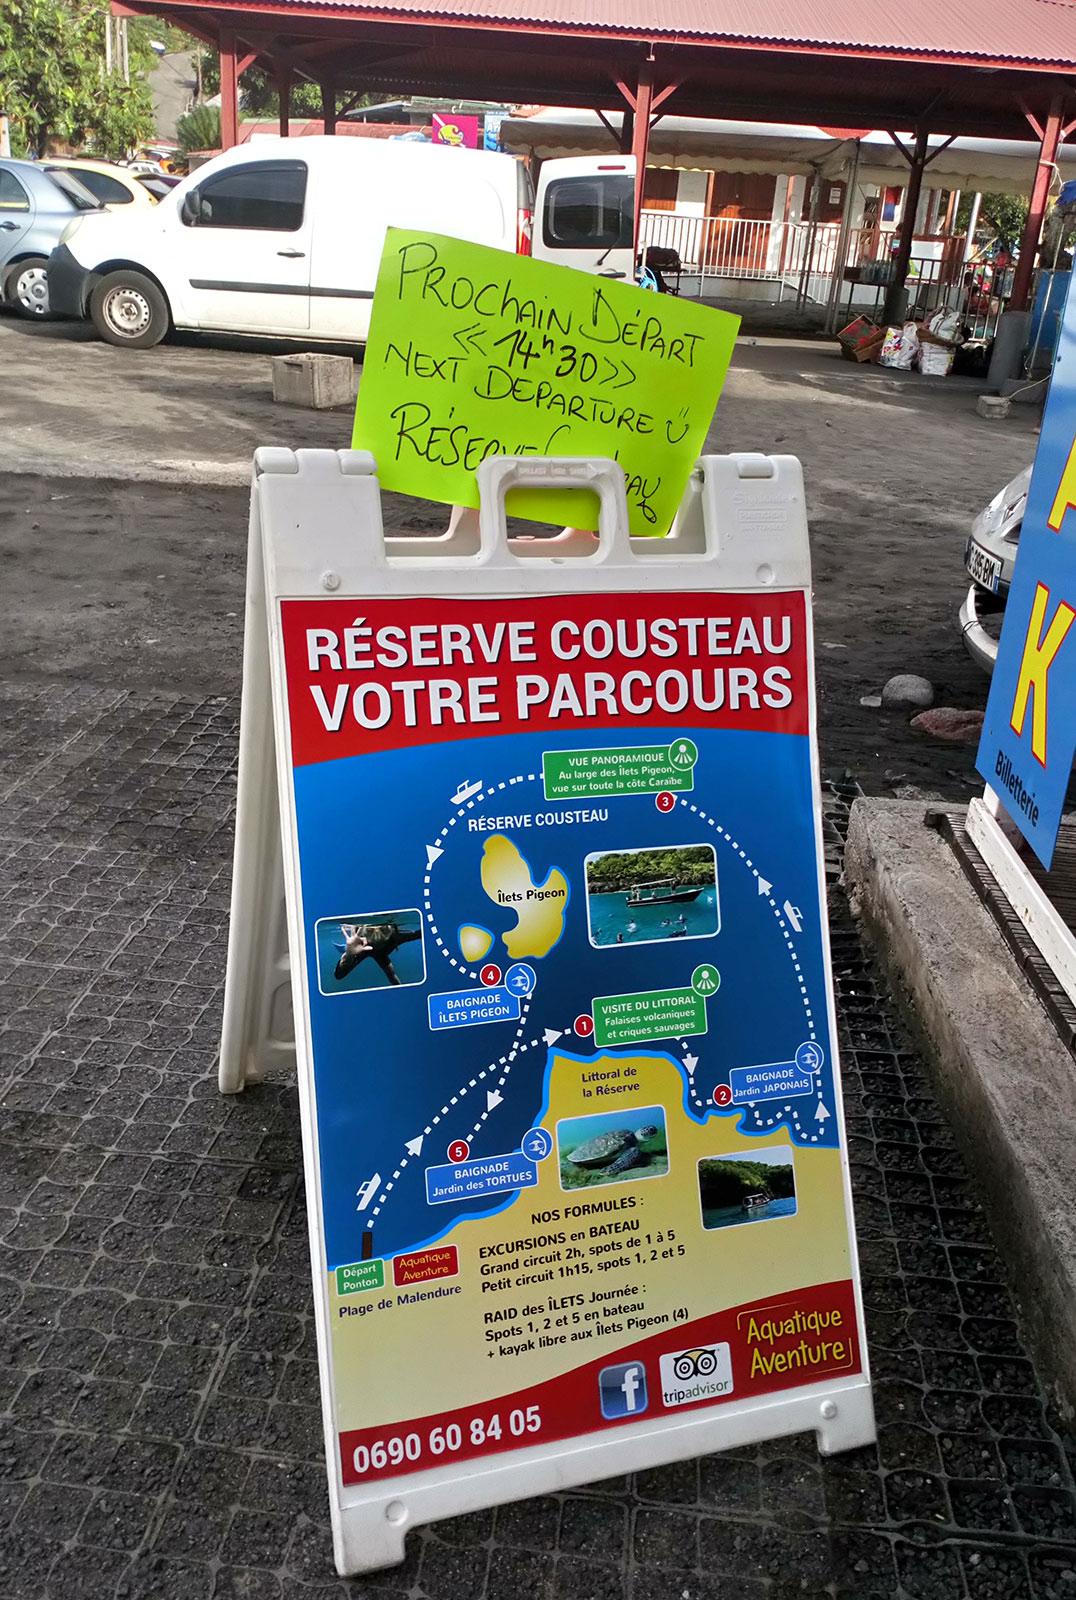 Stop Trottoir Aquatique Aventure